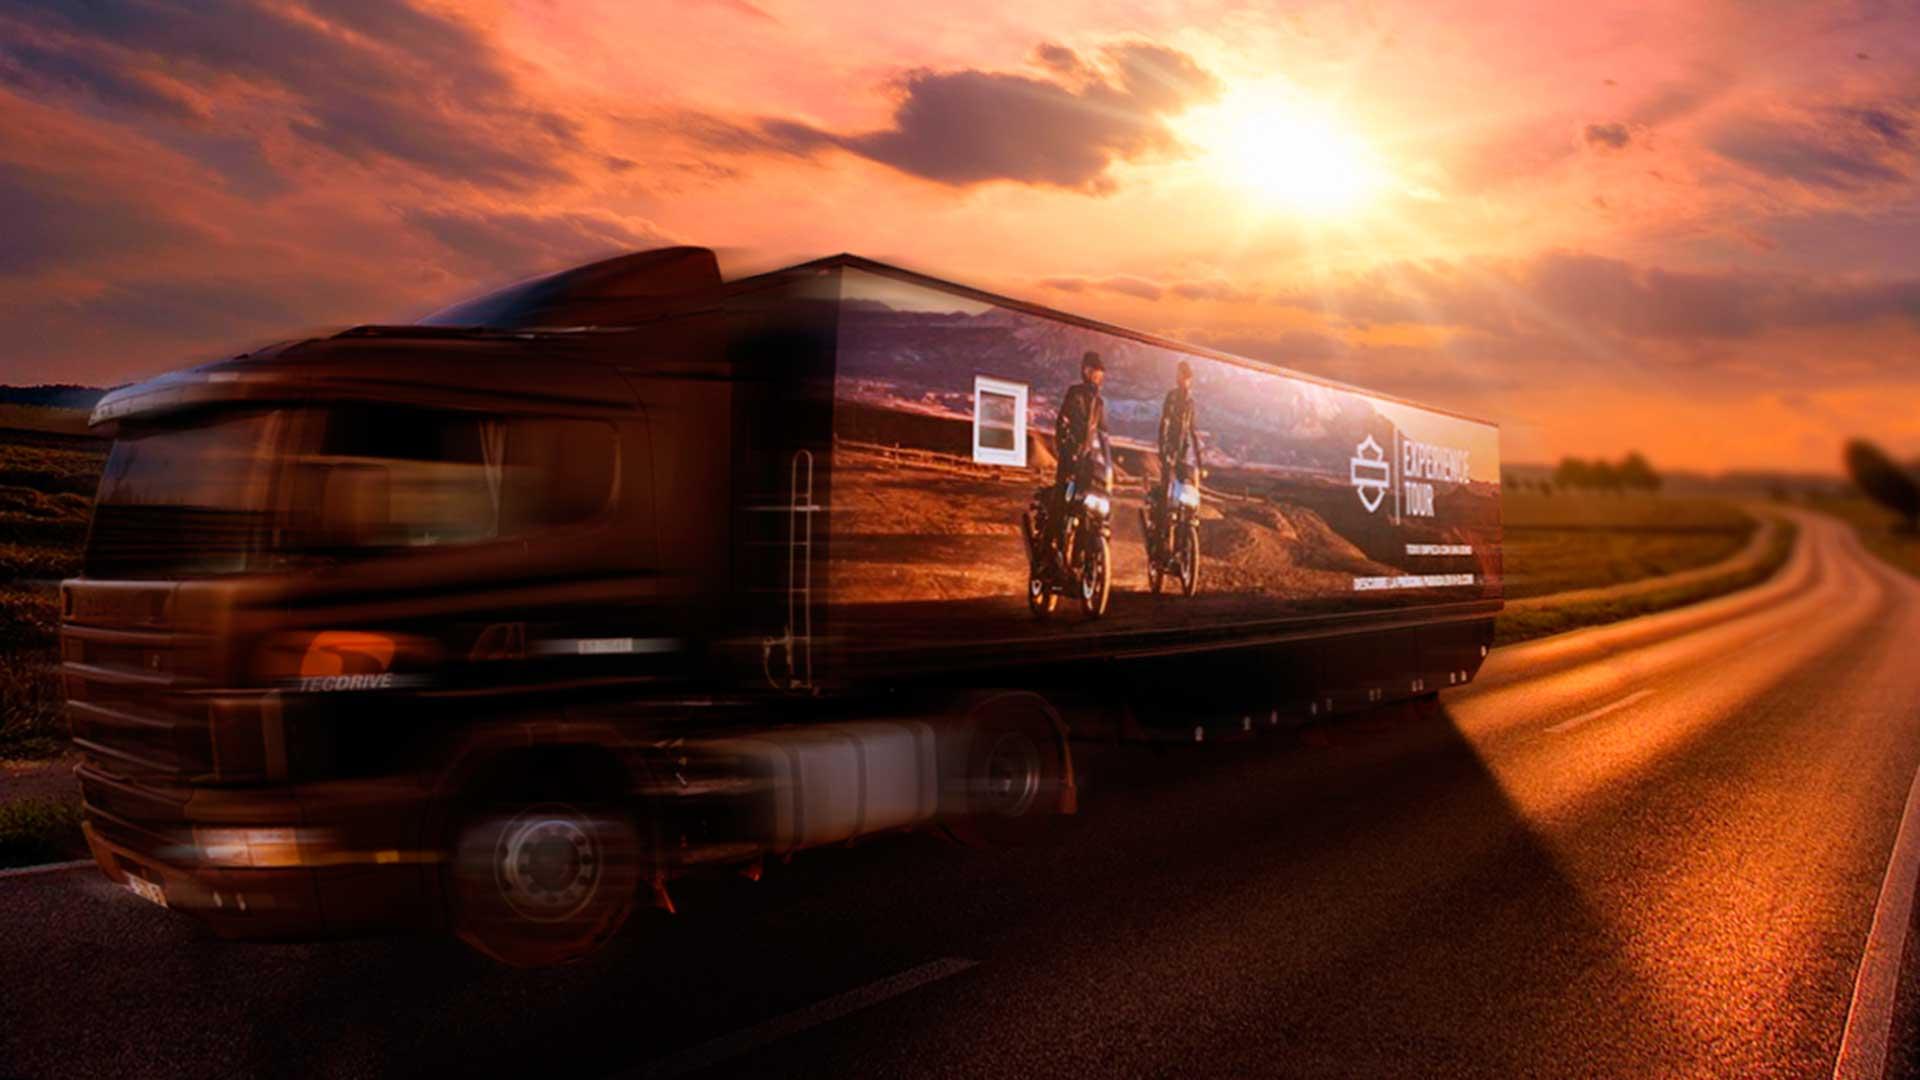 El Experience Tour de Harley-Davidson llega este fin de semana a Cantabria